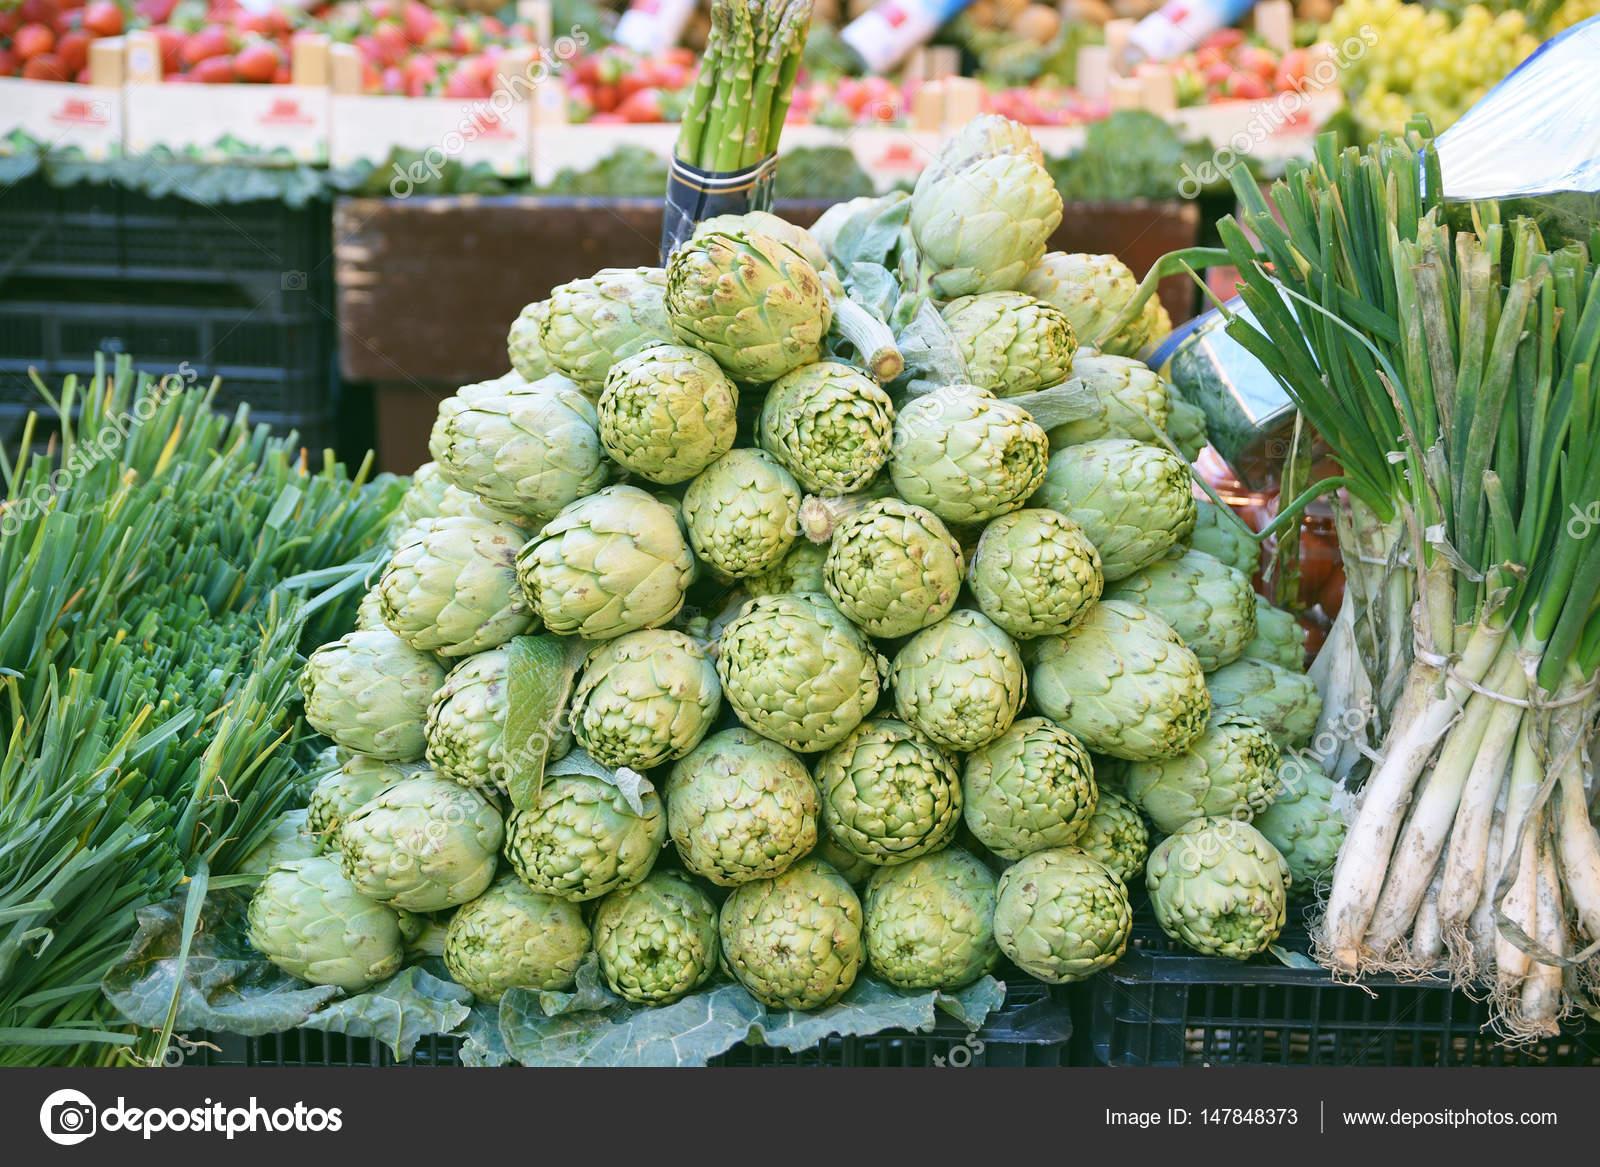 Unas alcachofas en un mercado callejero en una ciudad mediterránea ...